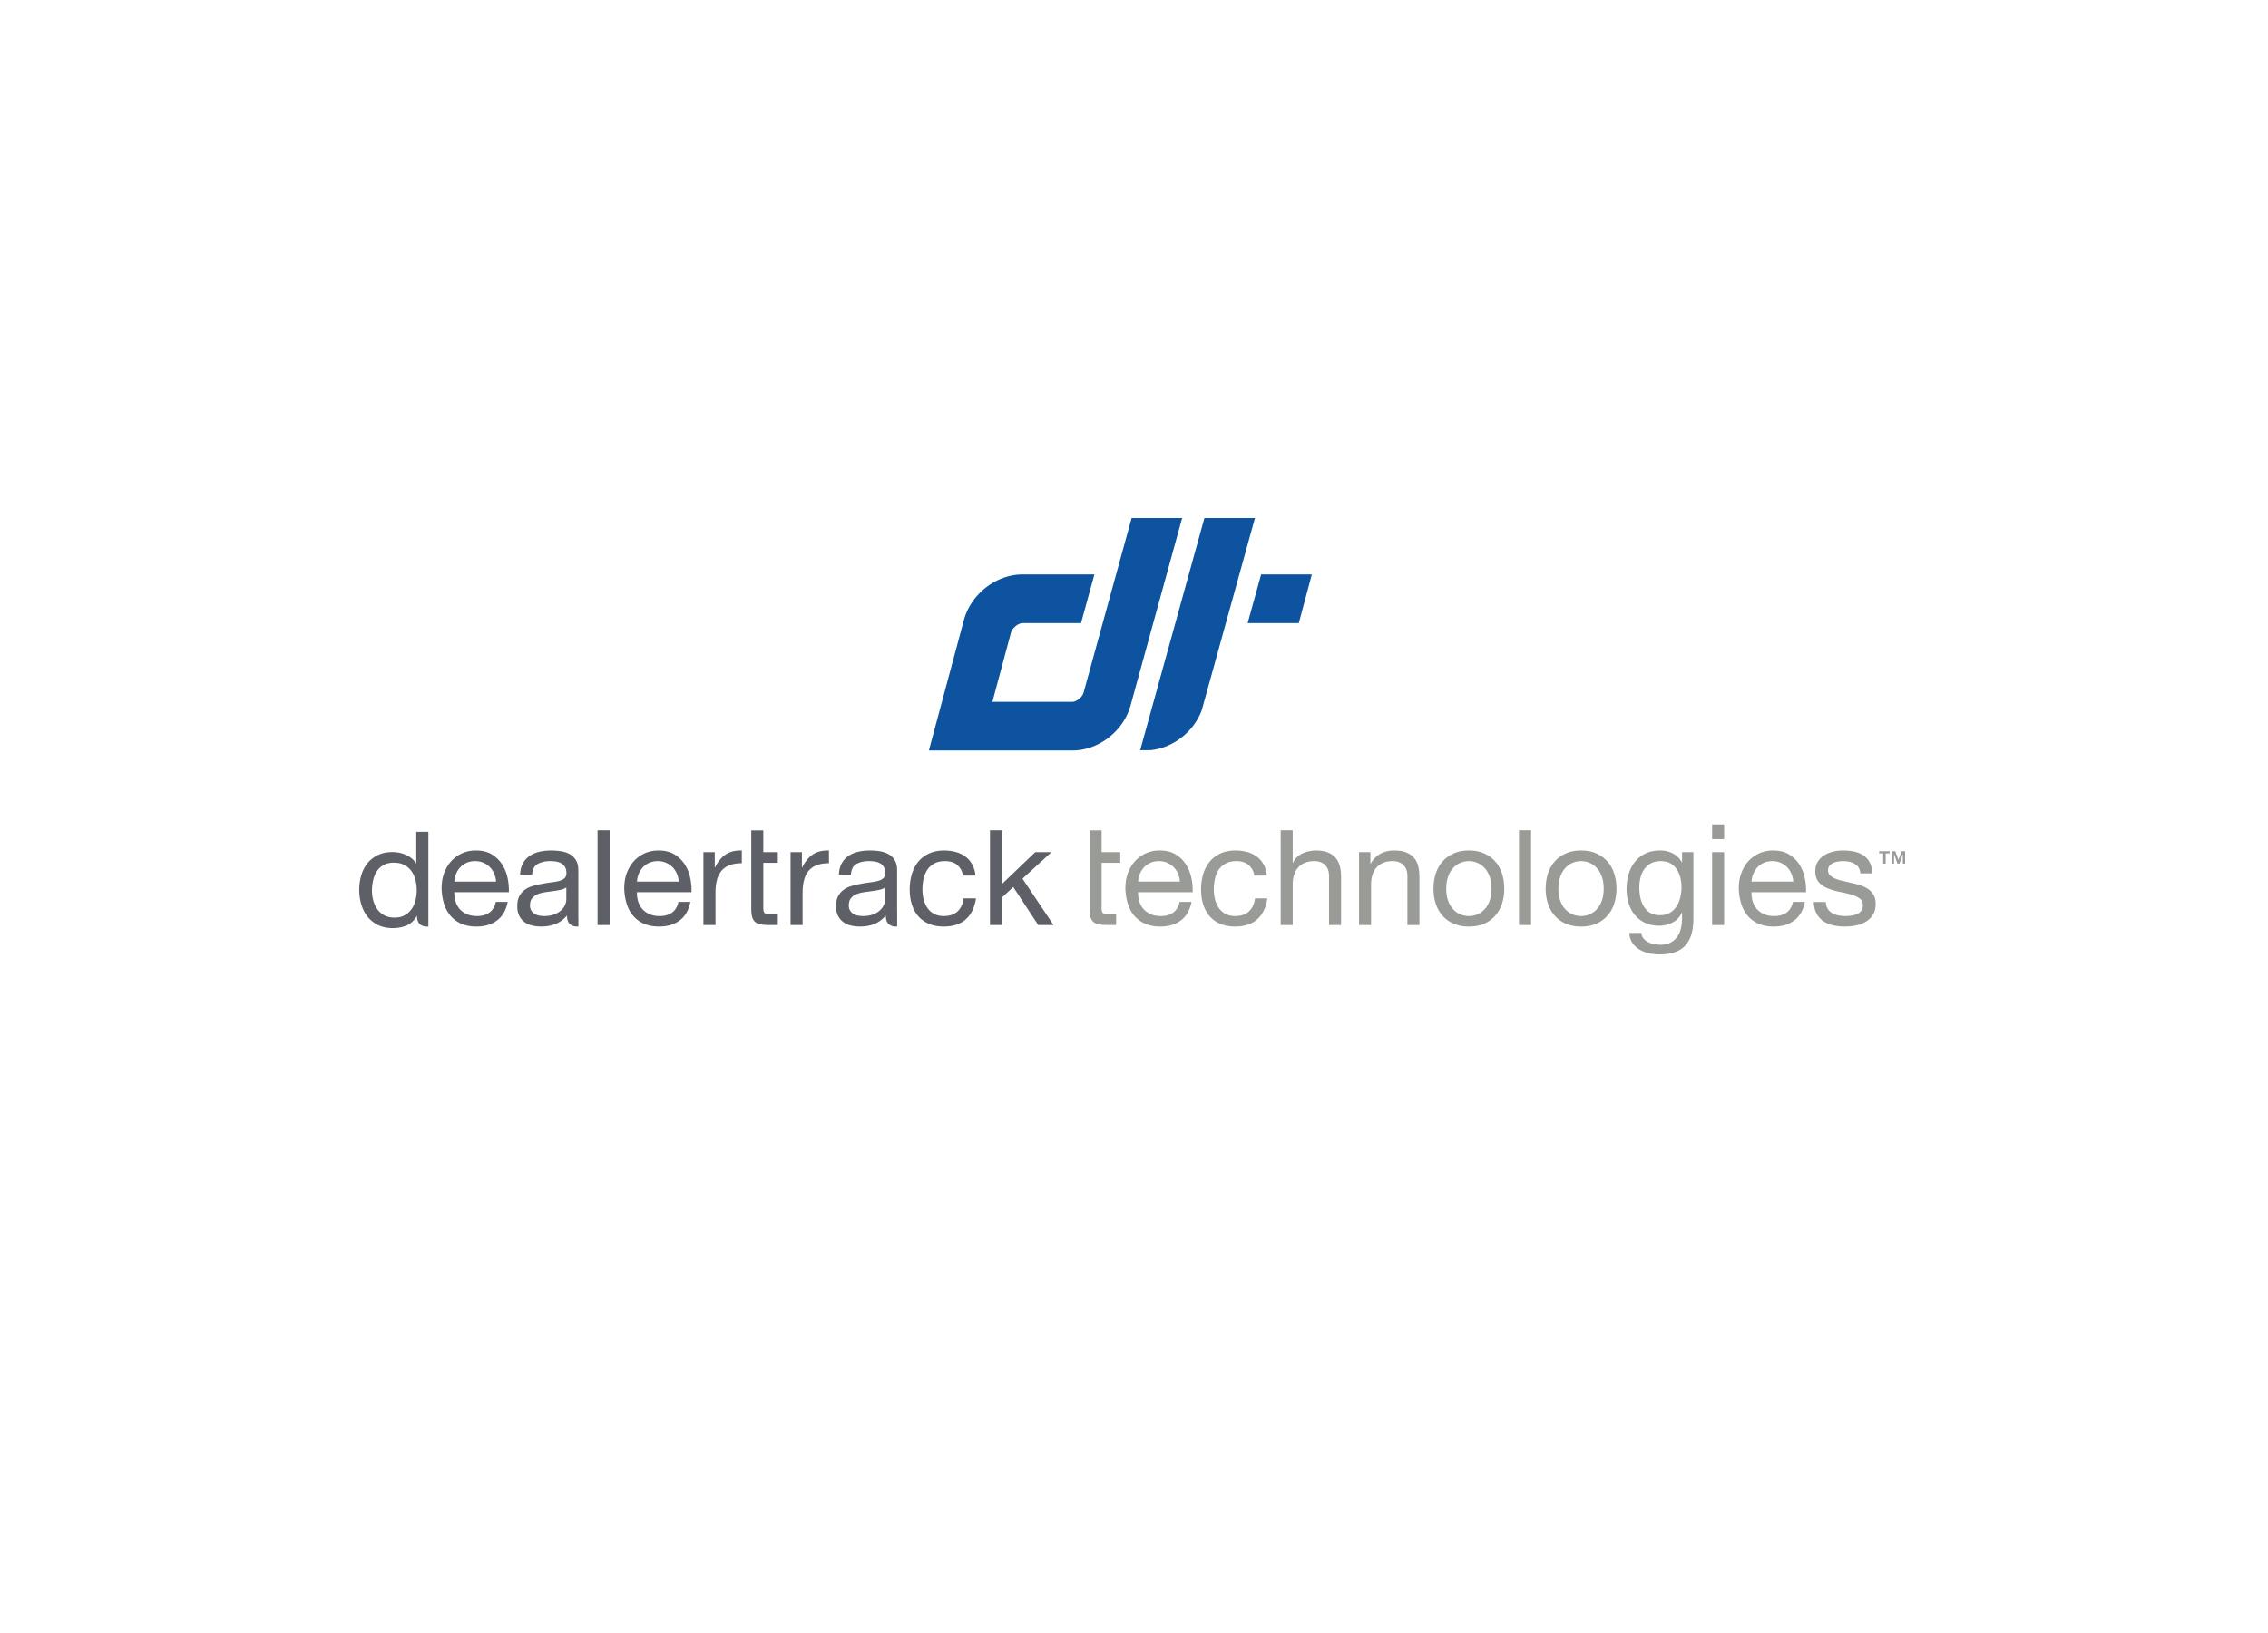 DT_logo_full_2500x1800.jpg